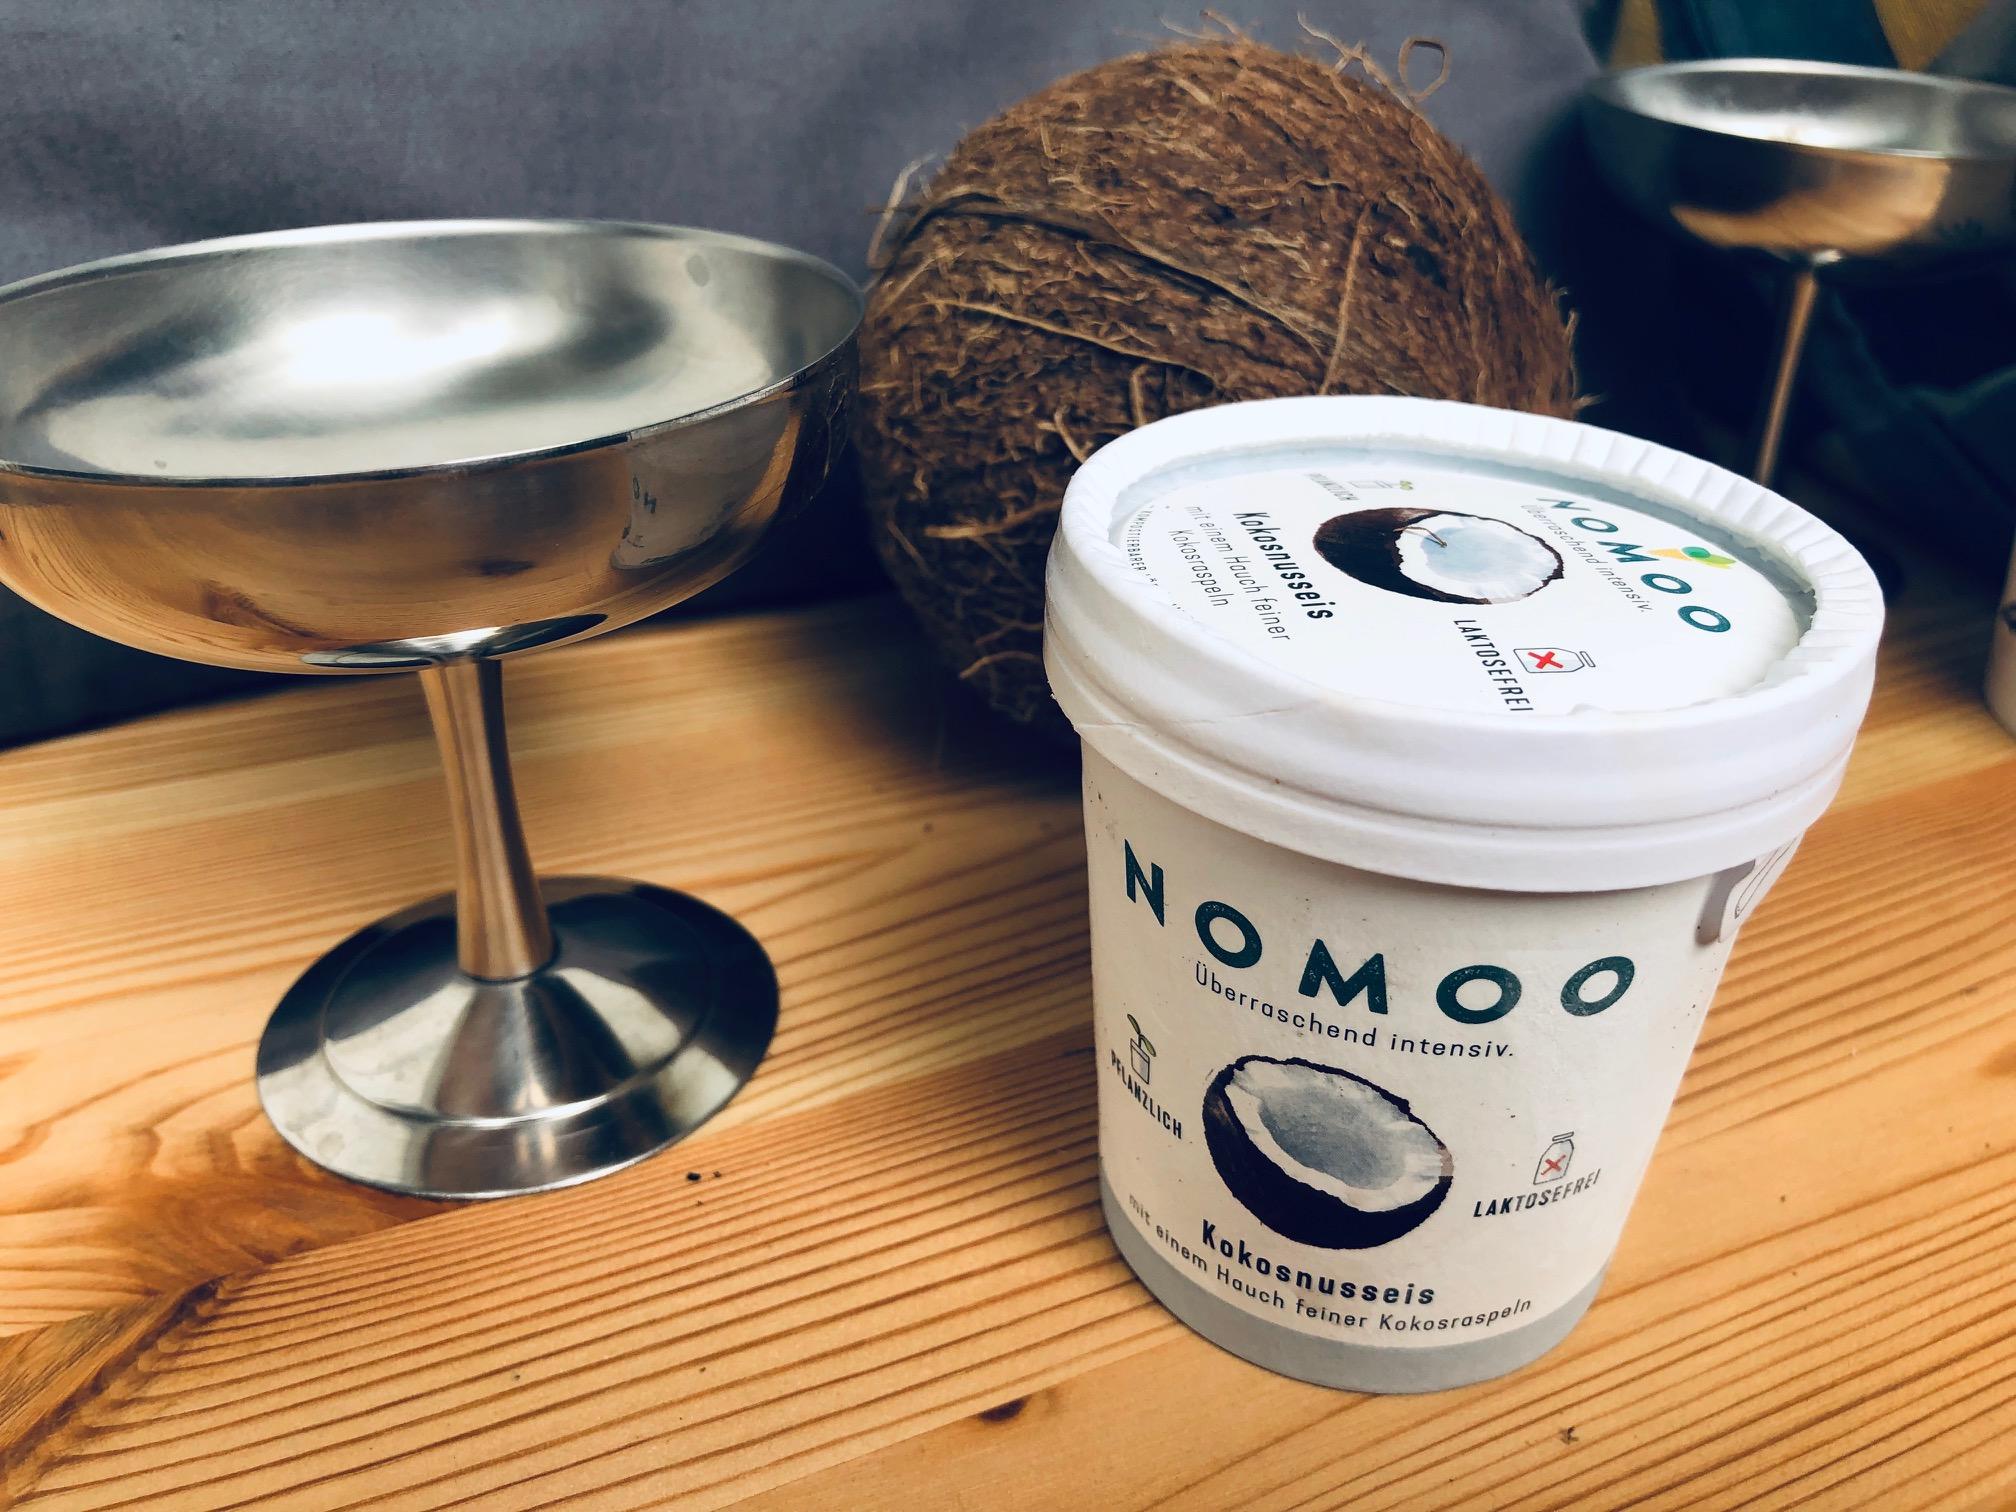 Nomoo-Kokosnusseis